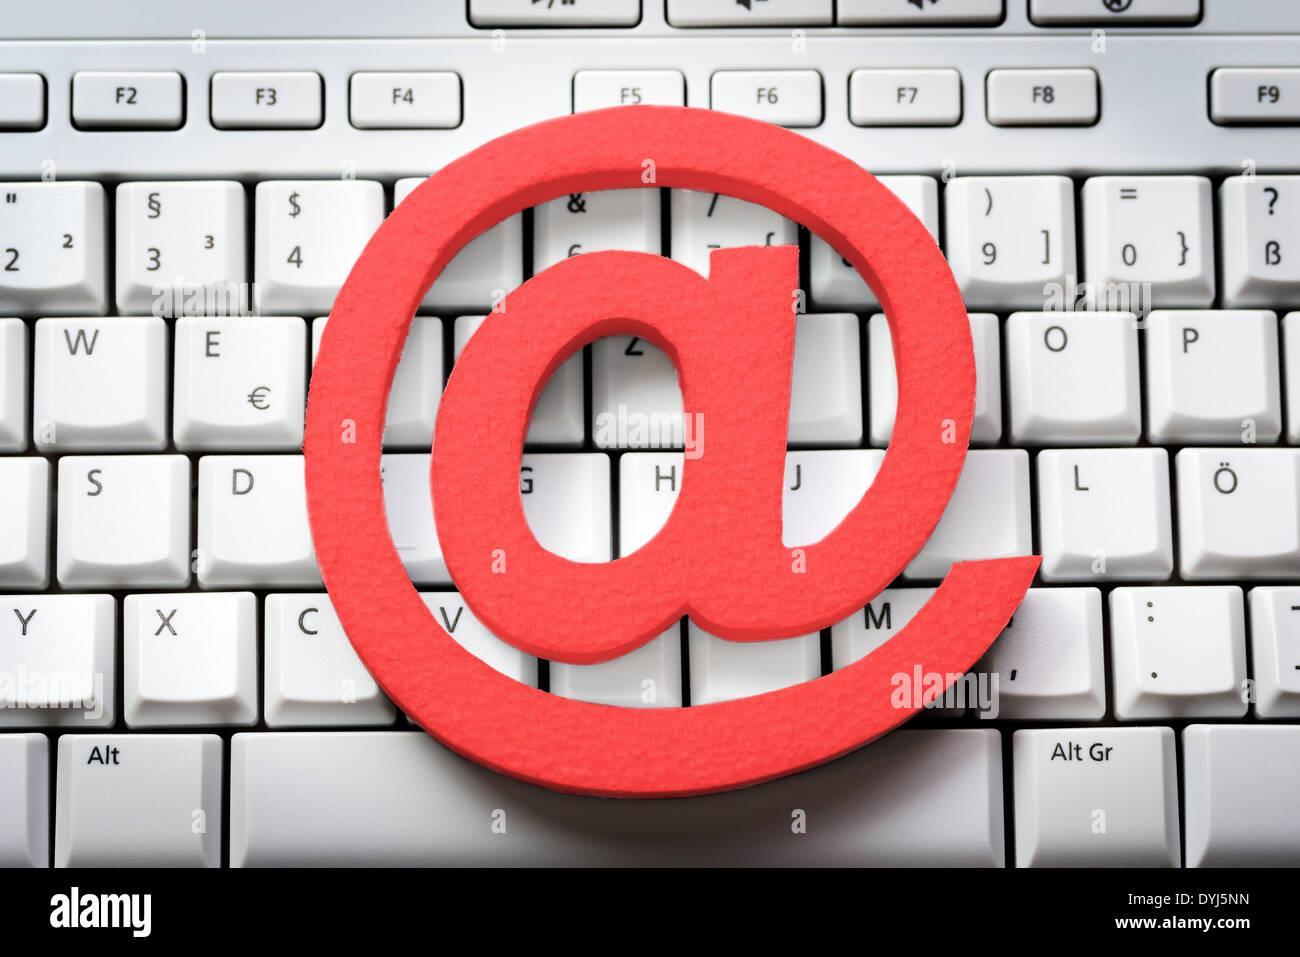 Rotes At-Zeichen auf einer Tastatur - Stock Image